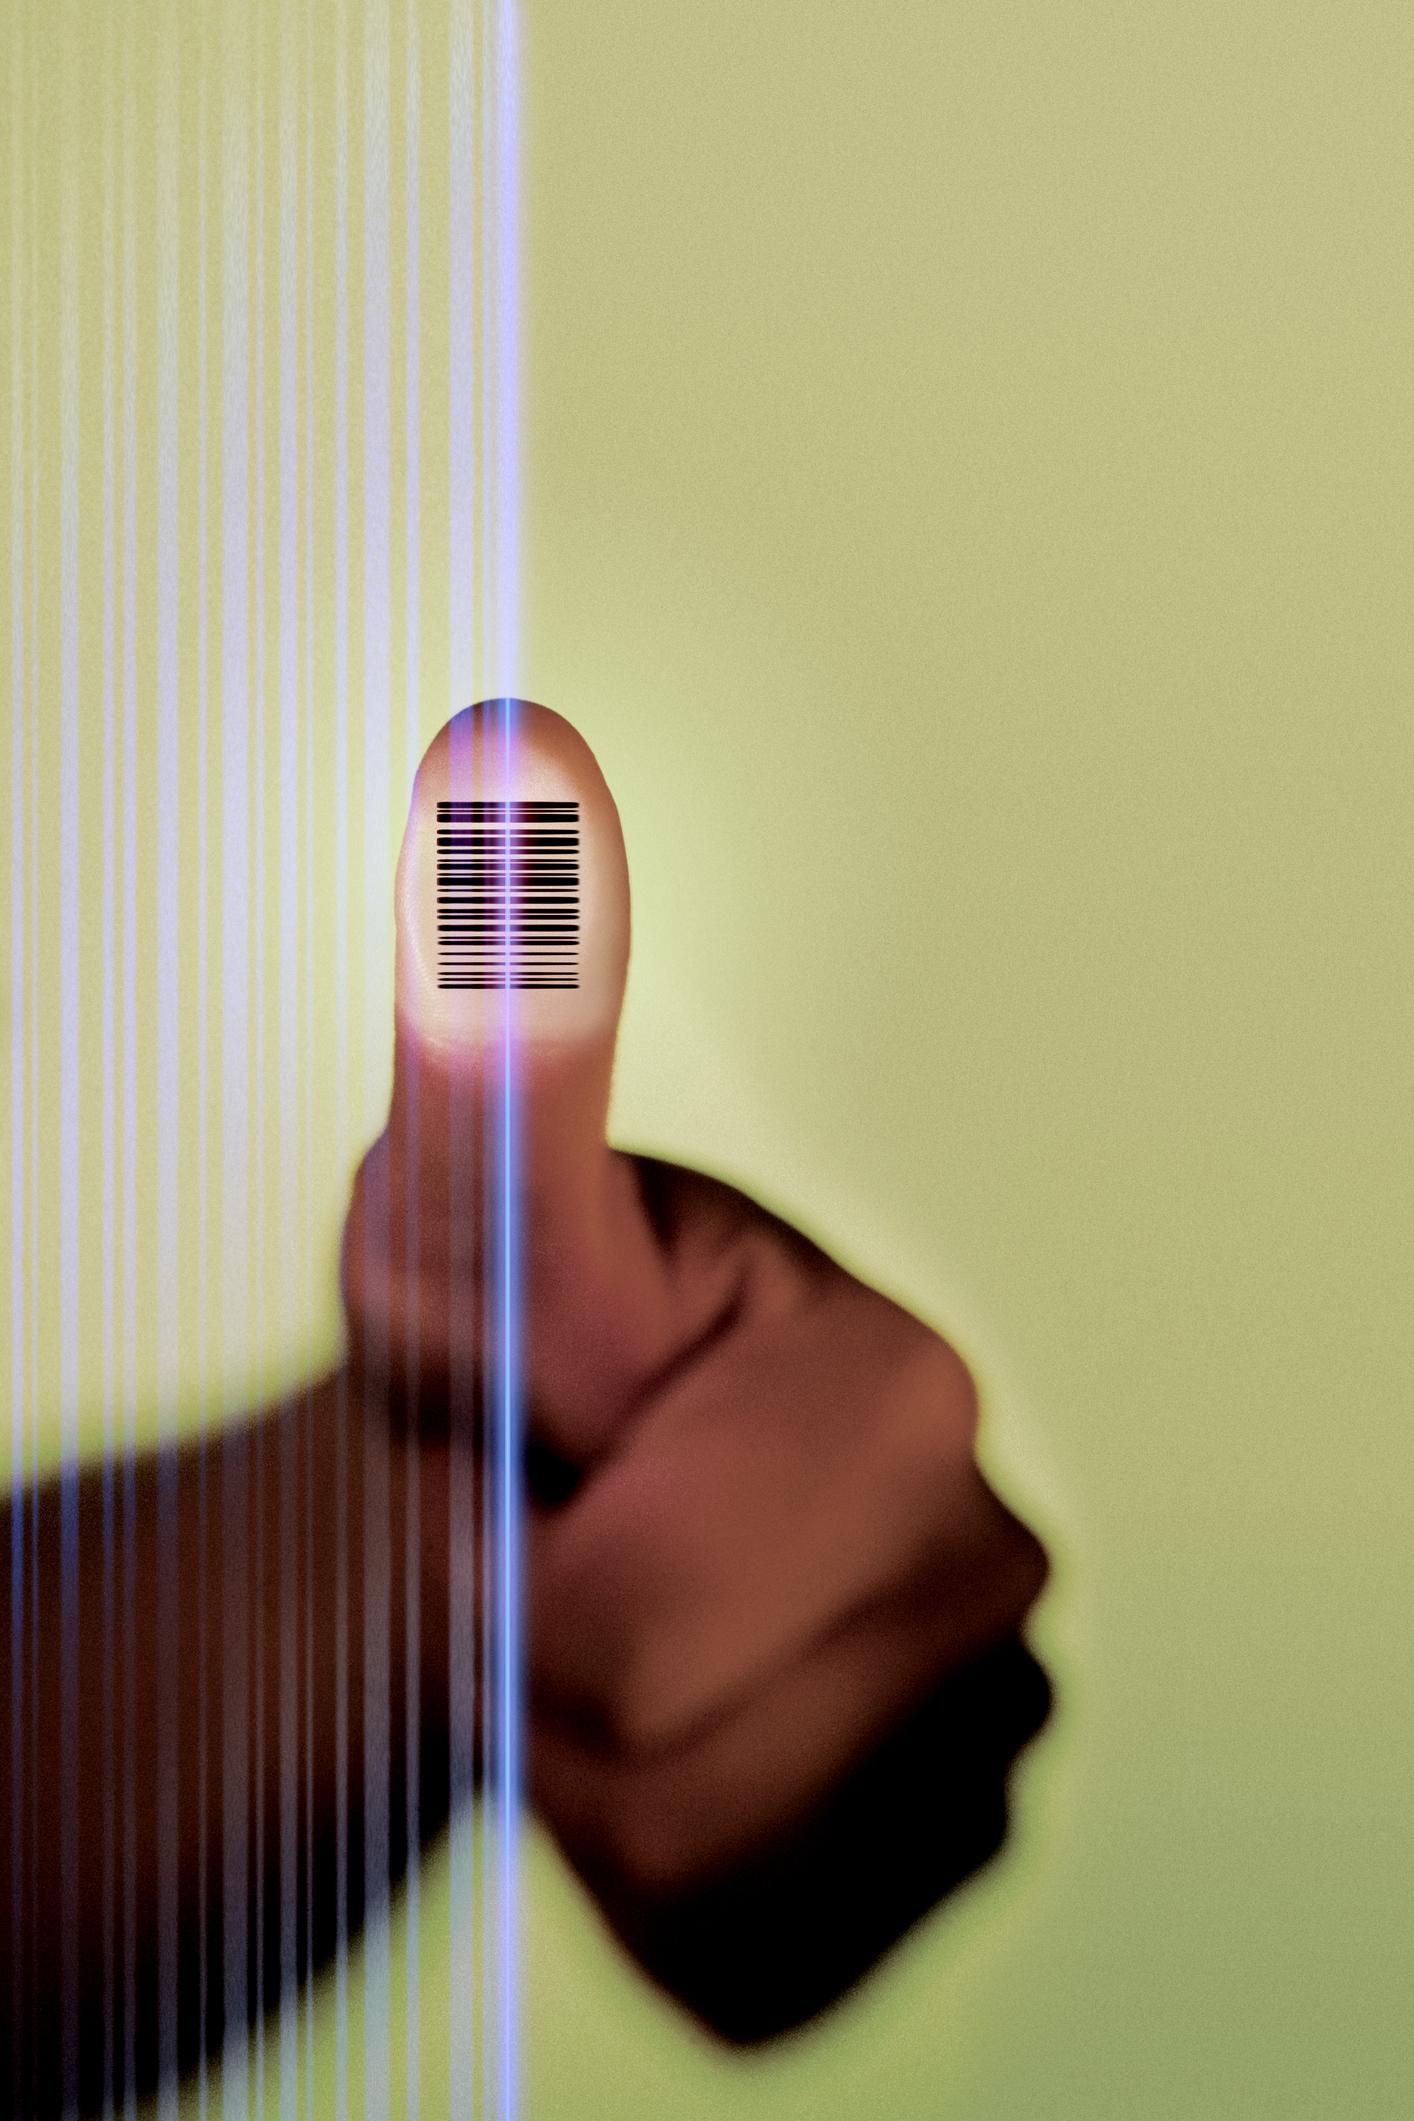 Barcode auf Daumen. Thema: Digitaler Fingerabdruck